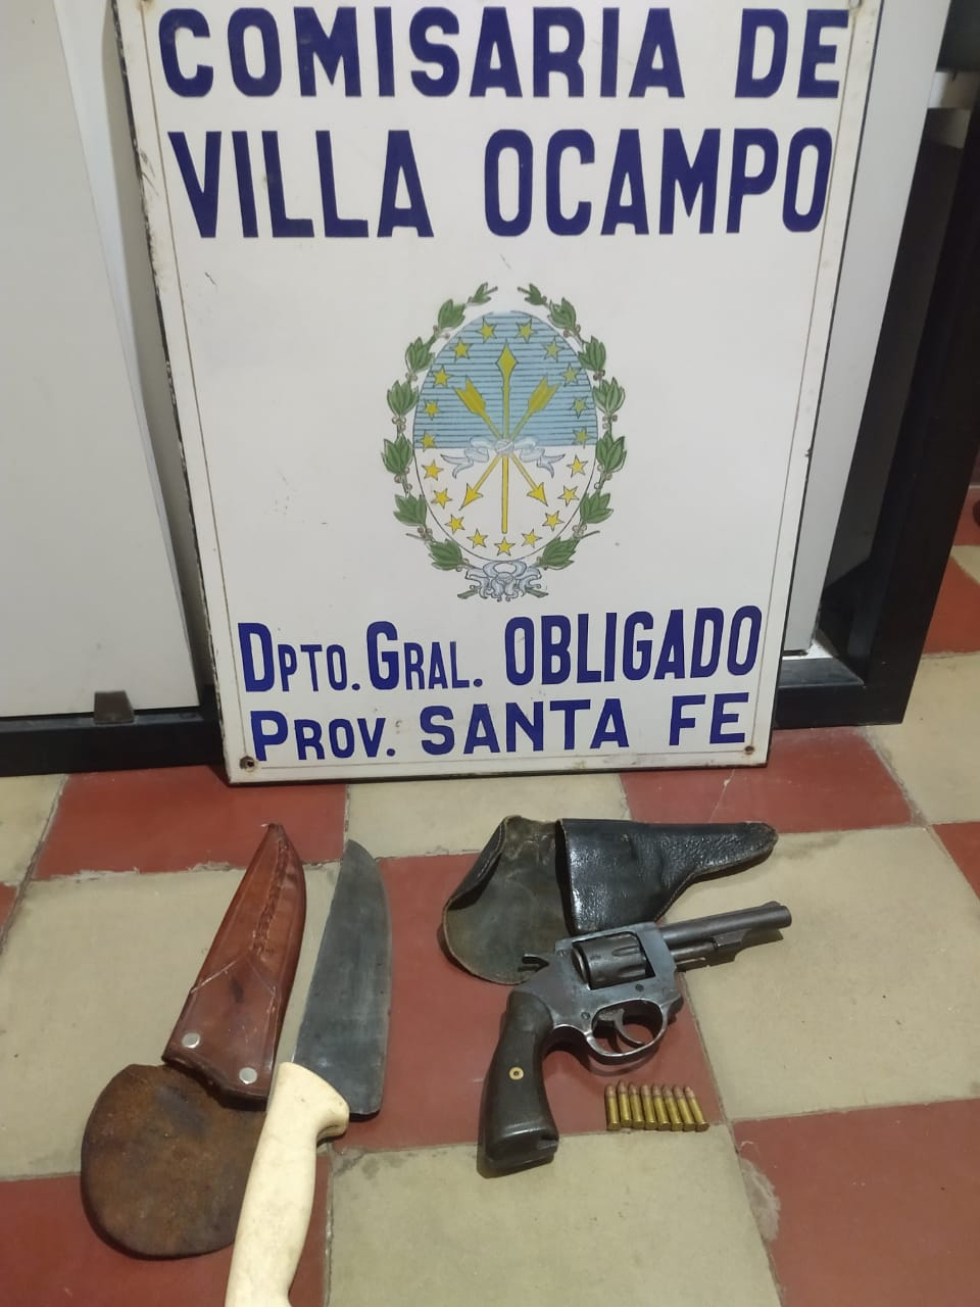 Tentativa de Homicidio en Villa Ocampo 2 junio 2021. Detenidos Jorge Barbona y Alcides Barbona